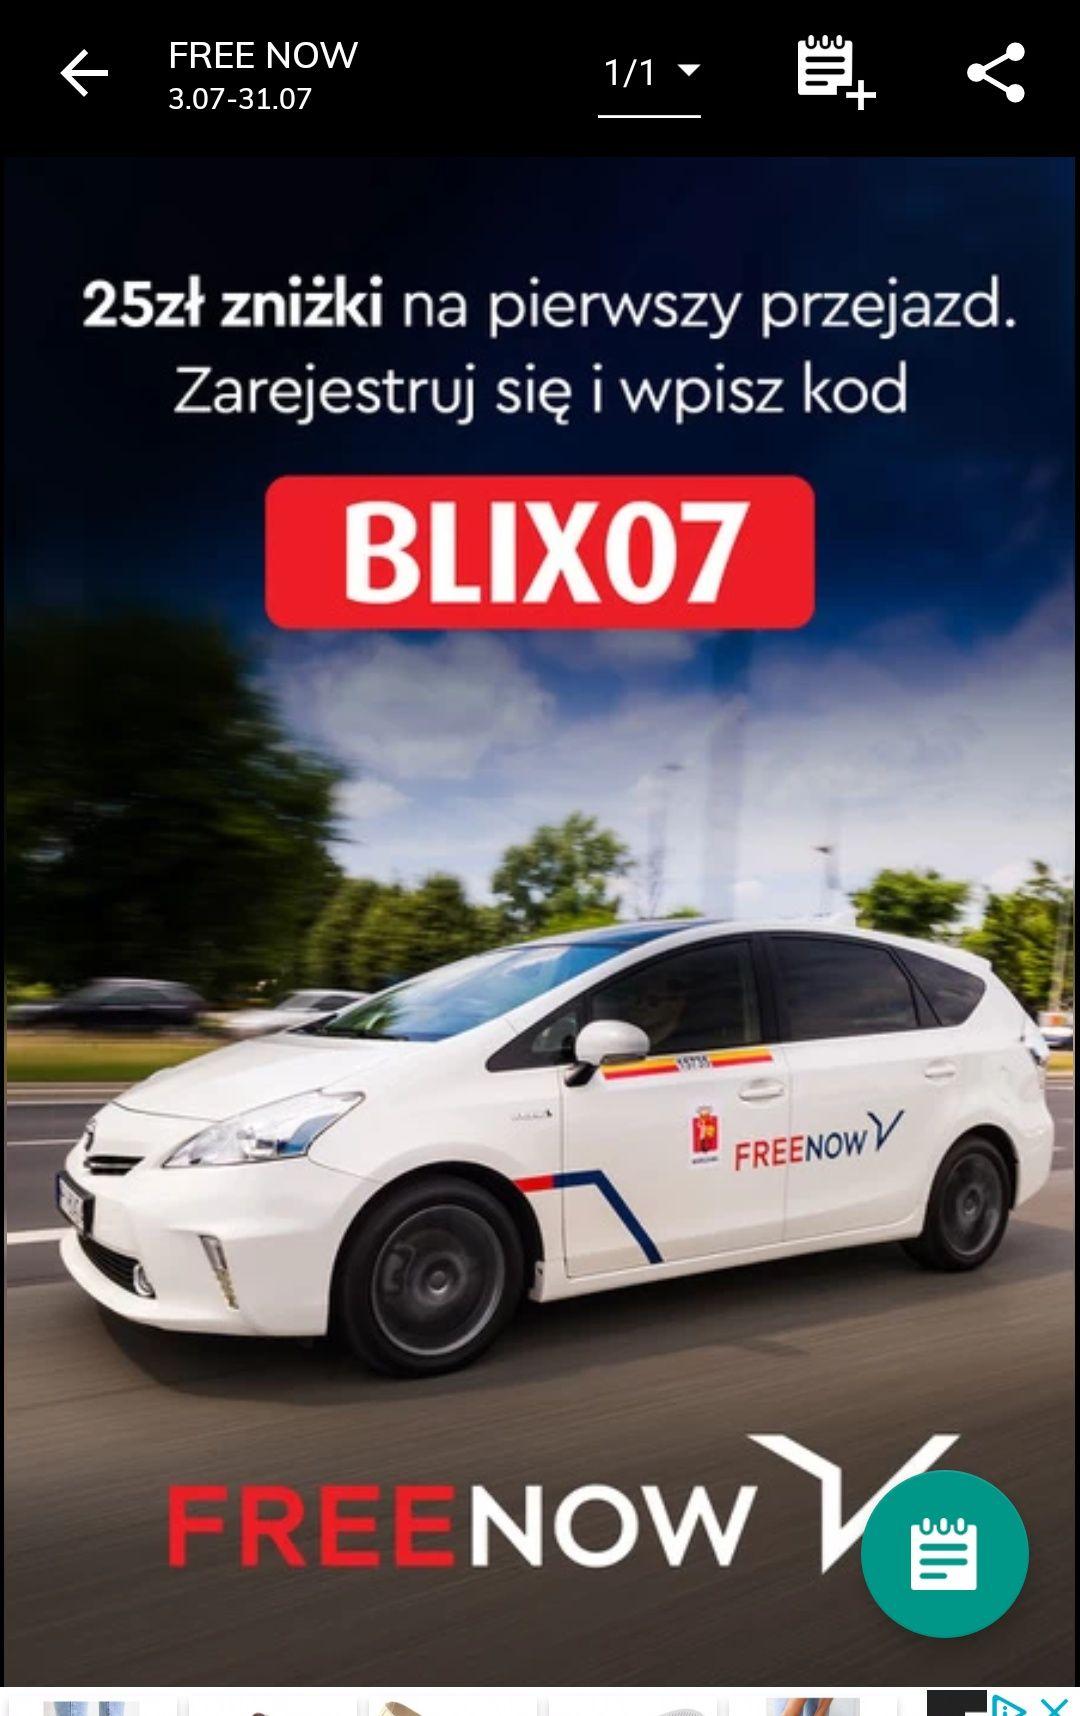 25 pln zniżki na pierwszy przejazd FREE NOW (FREENOW)  z Blix